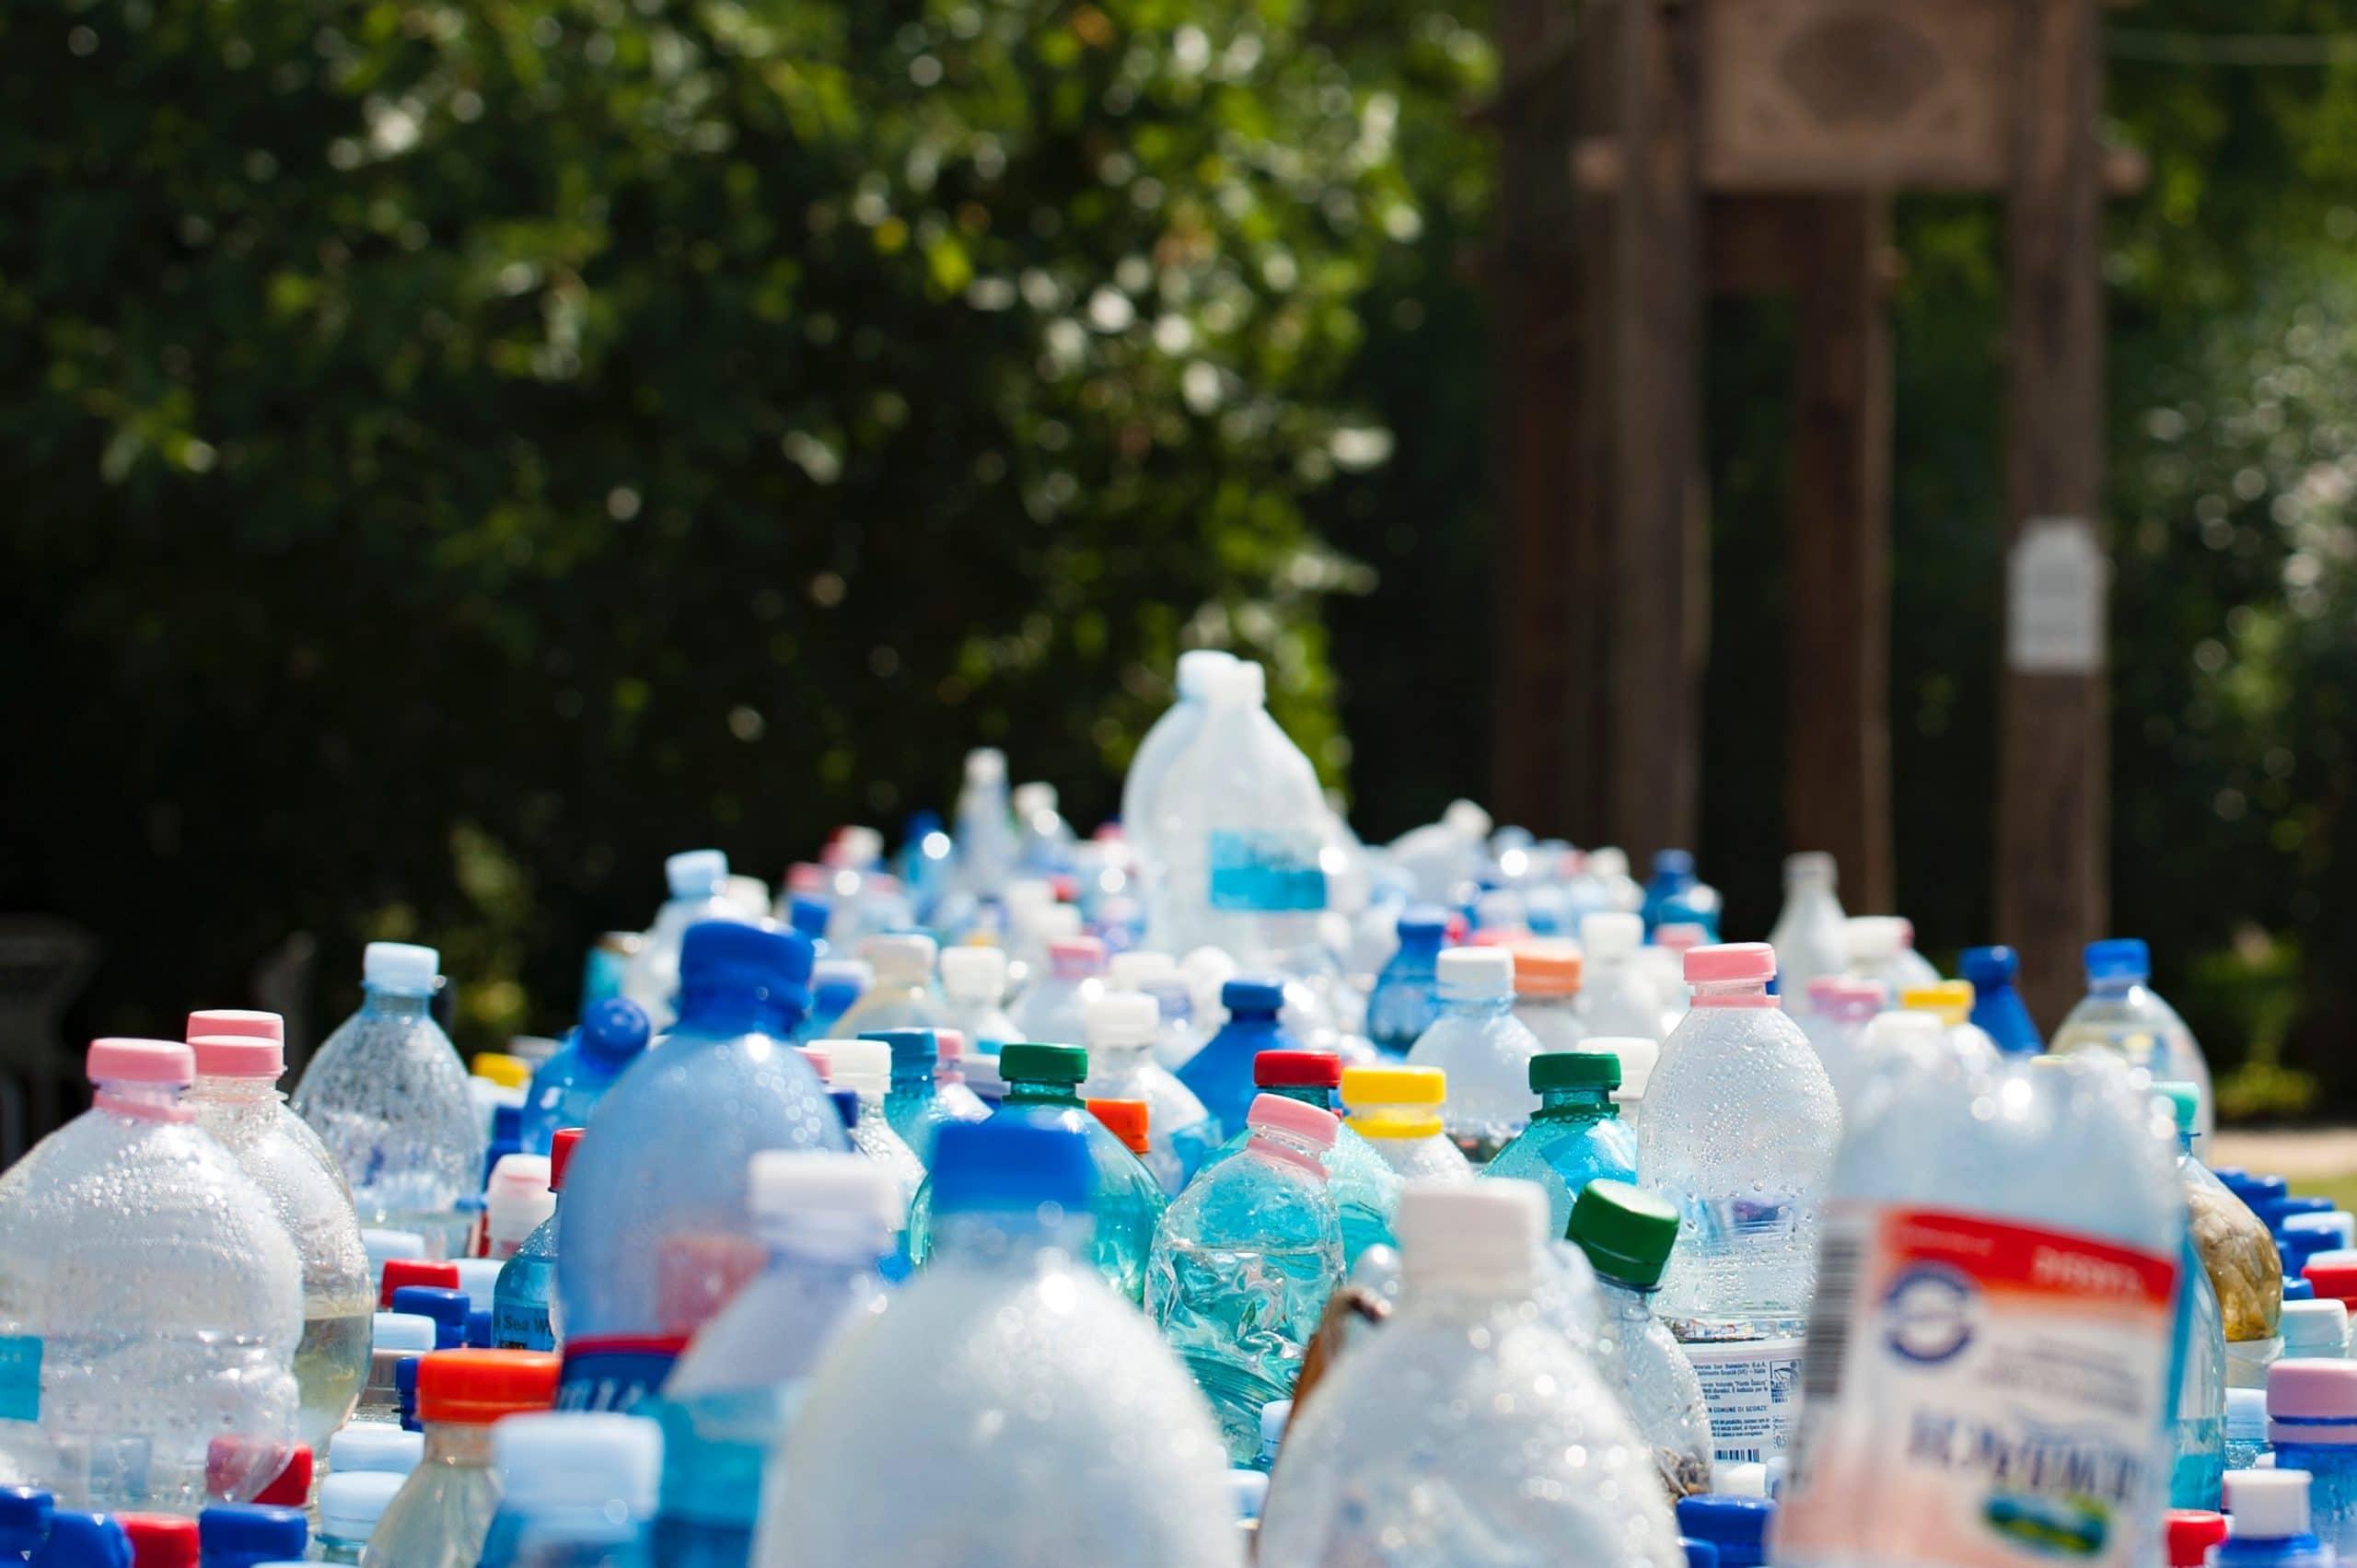 Amontoado de garrafas de plástico na frente de um fundo com árvores e natureza.